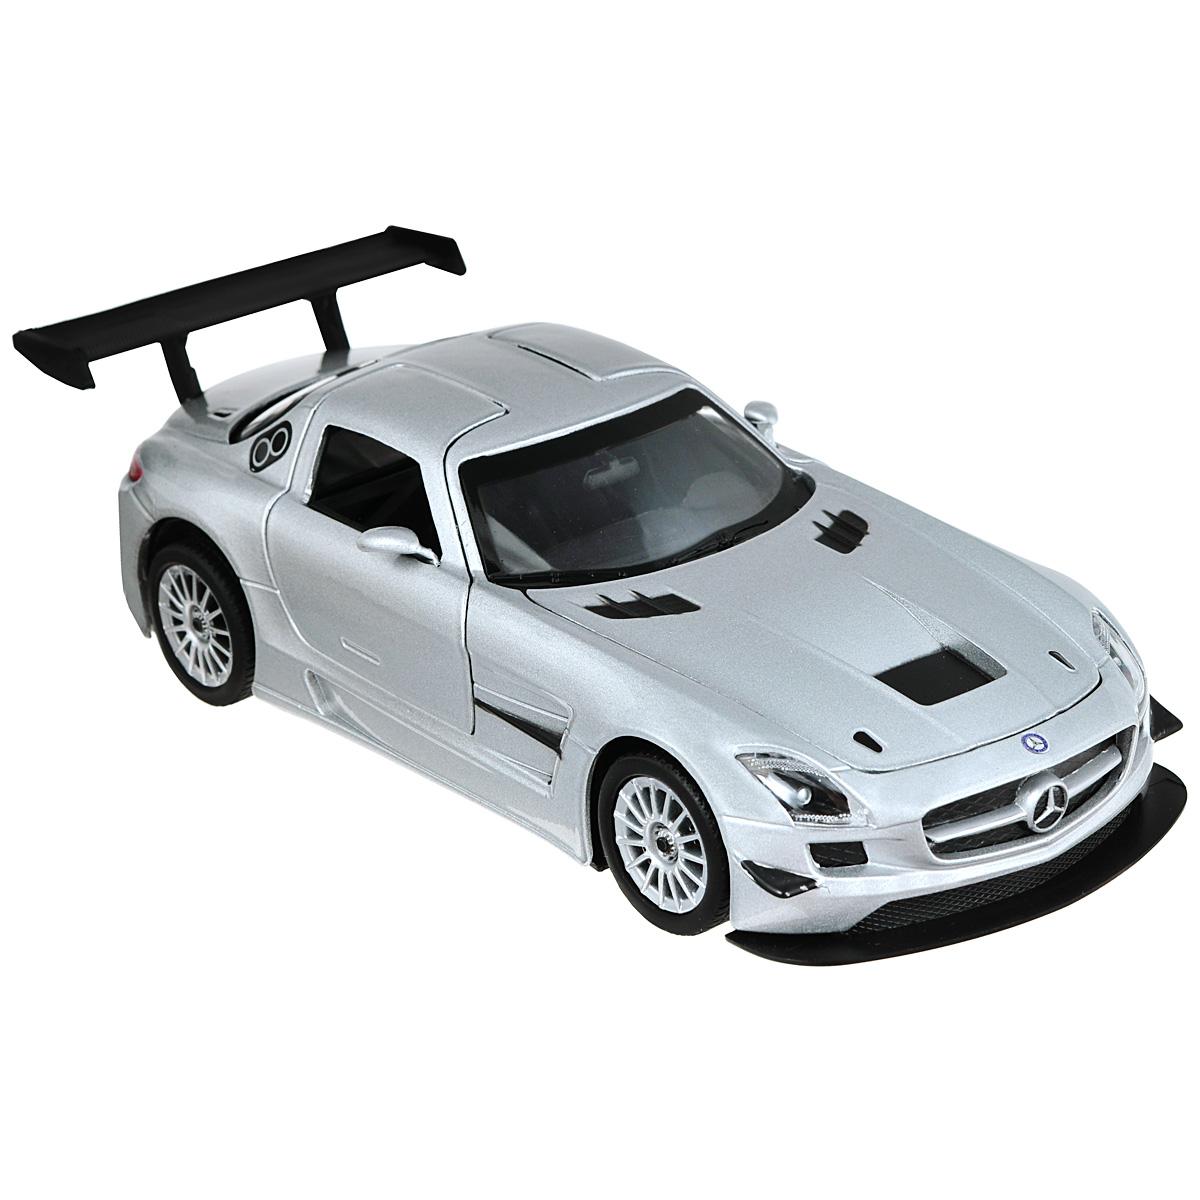 Коллекционная модель MotorMax Mercedes Benz SLS АMG GT3, цвет: серебристый. Масштаб 1/24 коллекционная модель грузовика с полуприцепом motormax